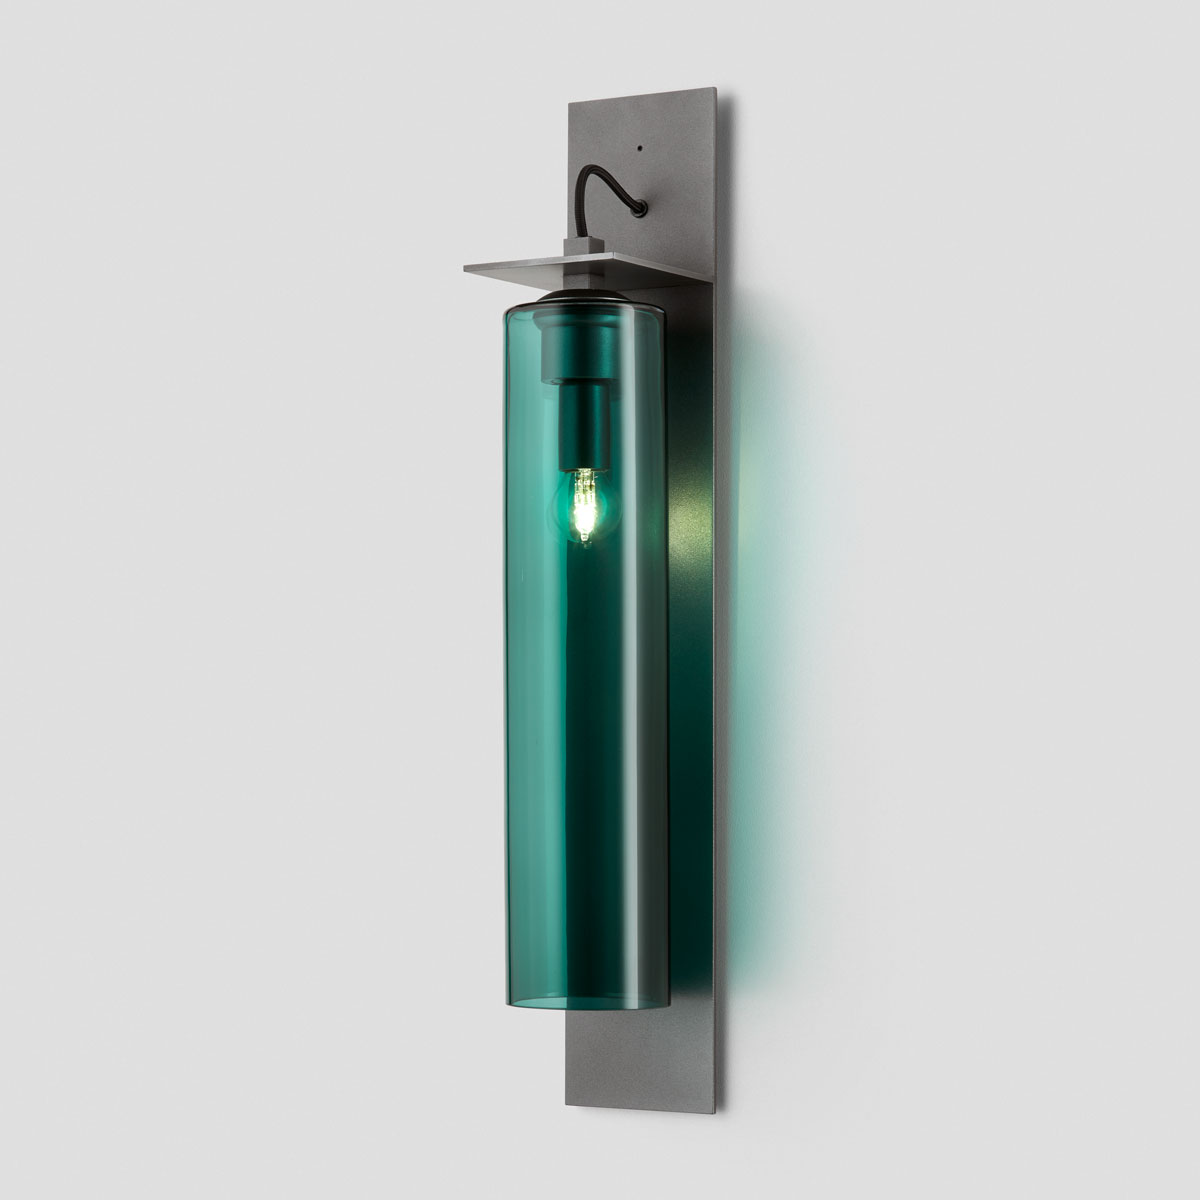 Articolo lighting eclipse wall sconce tall drunken emerald articolo black black flex on